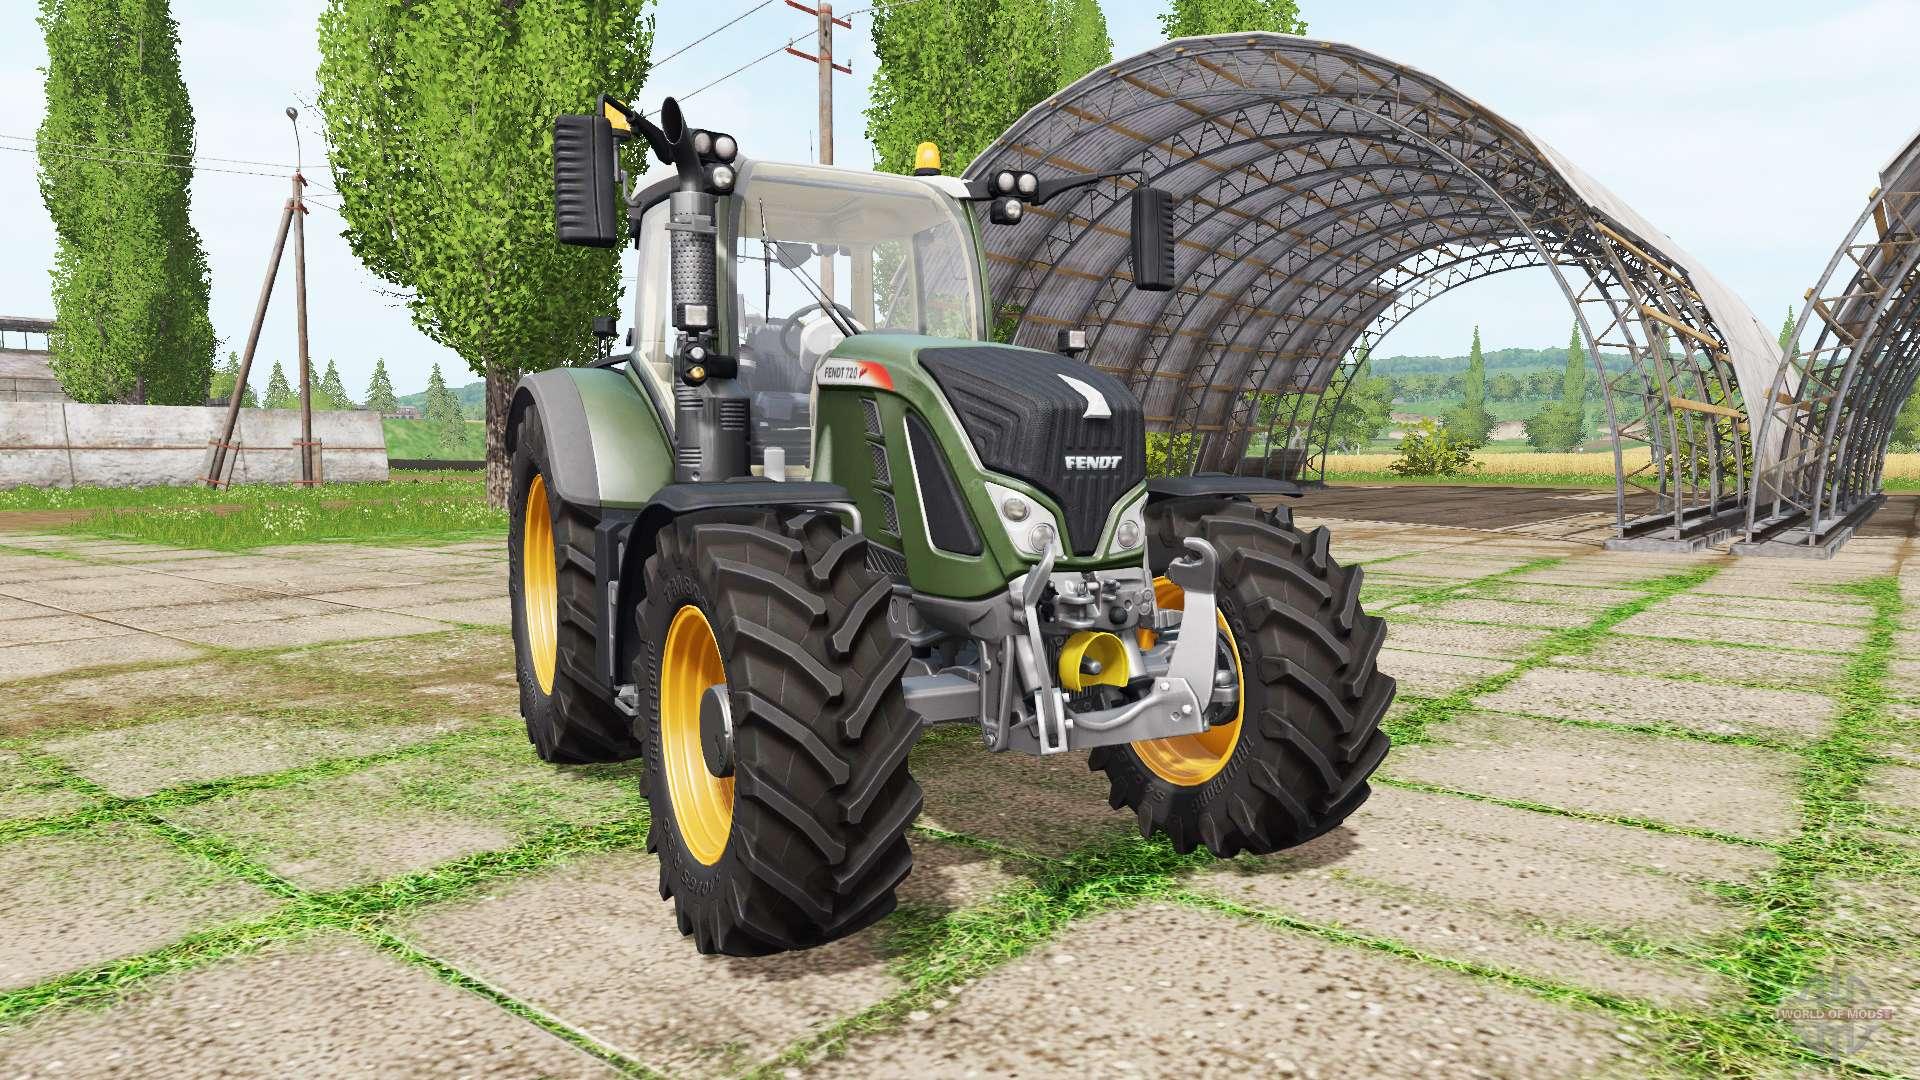 Тракторы свыше 200 л.с. в России – цены, фото, отзывы.